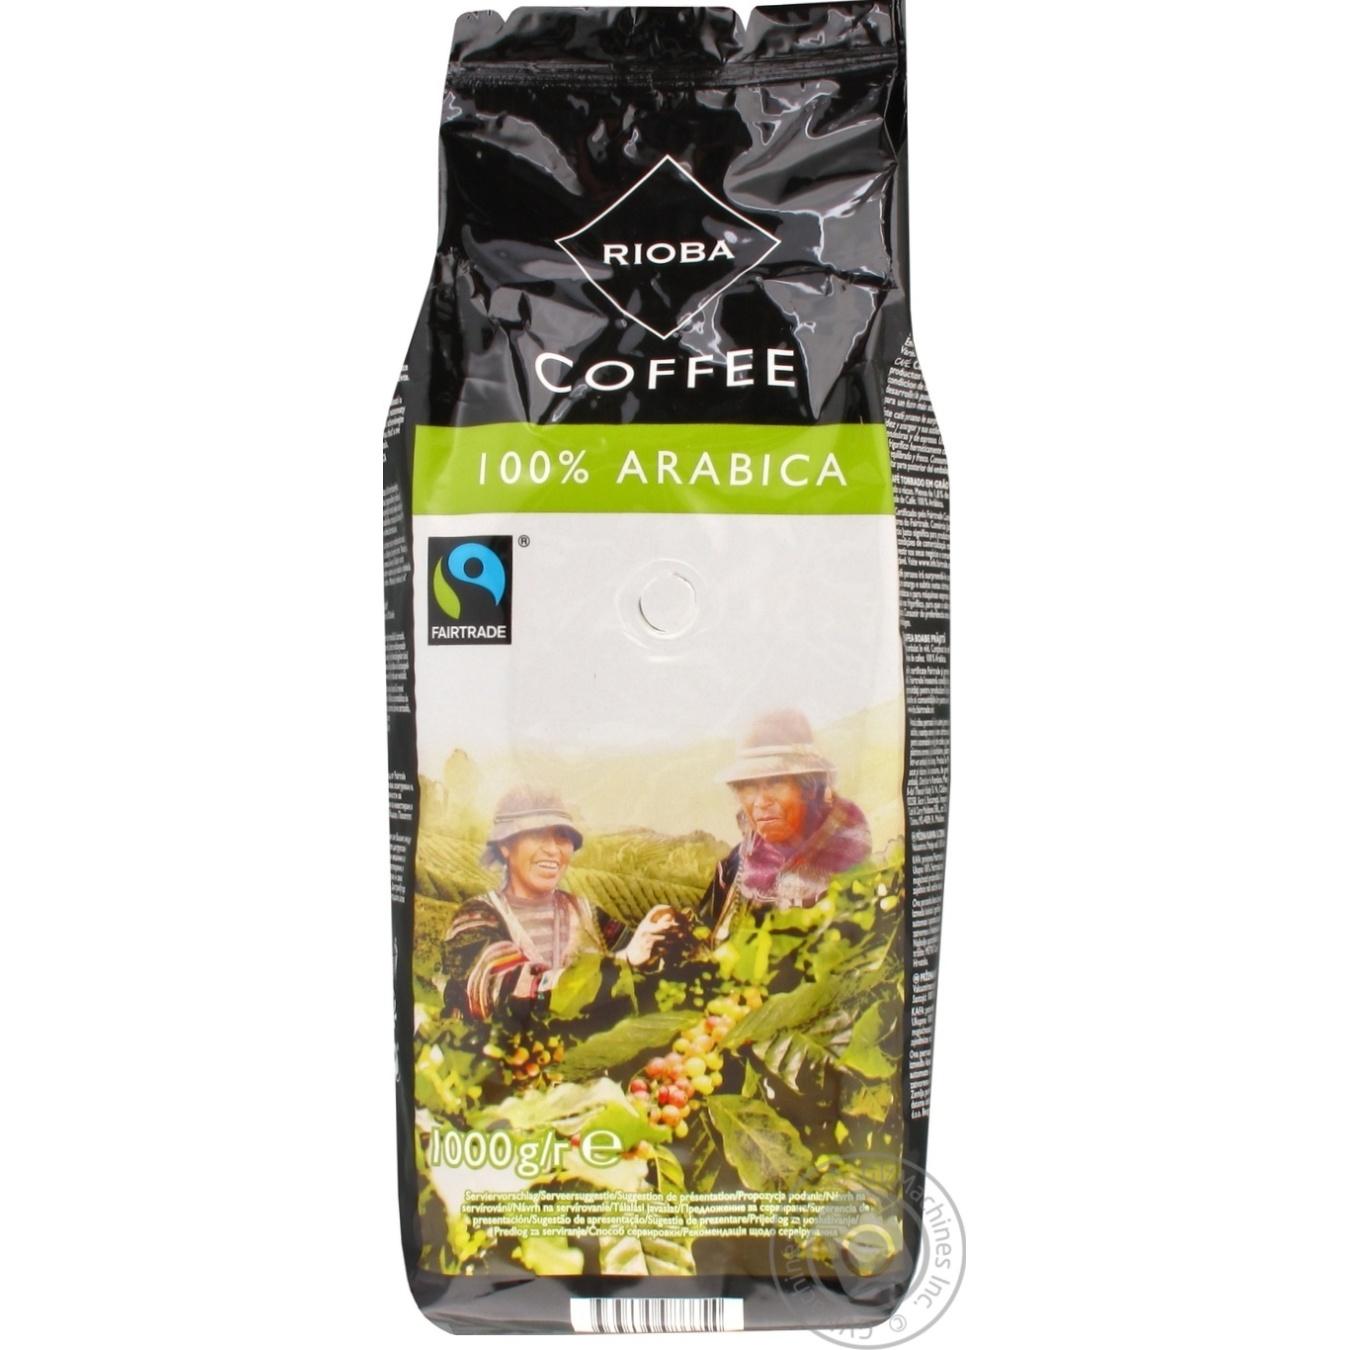 Купить Кофе Rioba арабика натуральный в зернах 1000г